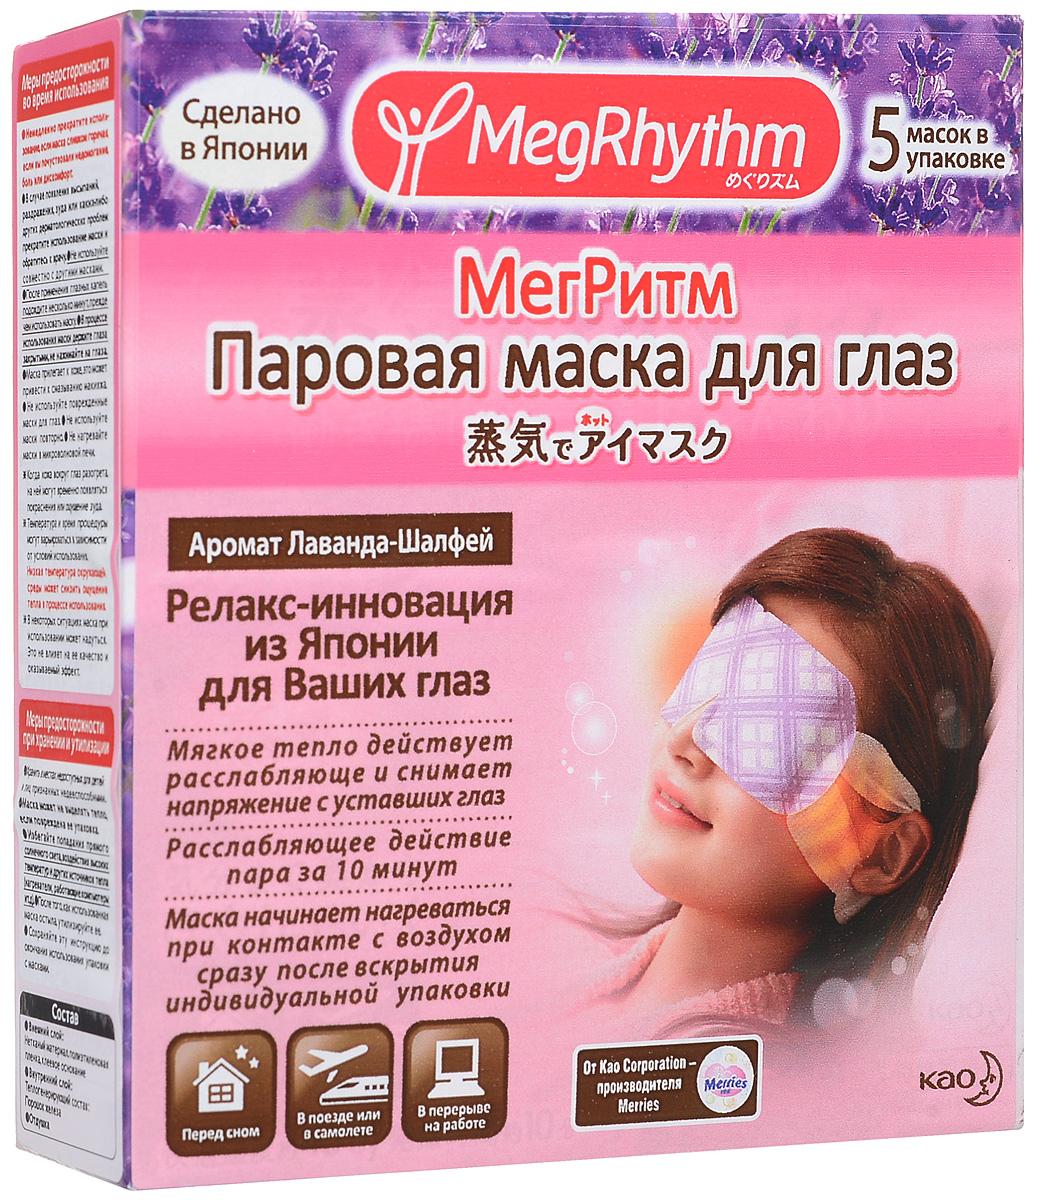 MegRhythm Паровая маска для глаз (Лаванда - Шалфей) 5 шт450500052Снимите напряжение с ваших уставших глаз с помощью паровой маски. Теплый пар температурой около 40 С в течение 10 минут мягко окутывает глаза. * В процессе использования пар невидим, но его эффект можно почувствовать по увлажнению кожи вокруг глаз после завершения процедуры. SPA - процедура на основе согревающего пара успокоит, снимет напряжение, и ваши отдохнувшие глаза снова засияют. Ультратонкий, идеально прилегающий к коже материал. Удобные ушные петли позволяют использовать маску в любом положении. Маска начинает нагреваться сразу после вскрытия что делает ее удобной для использования в любой ситуации. Гигиеническая одноразовая маска удобна в использовании. Уважаемые клиенты! Обращаем ваше внимание на возможные изменения в дизайне упаковки. Качественные характеристики товара остаются неизменными. Поставка осуществляется в зависимости от наличия на складе.